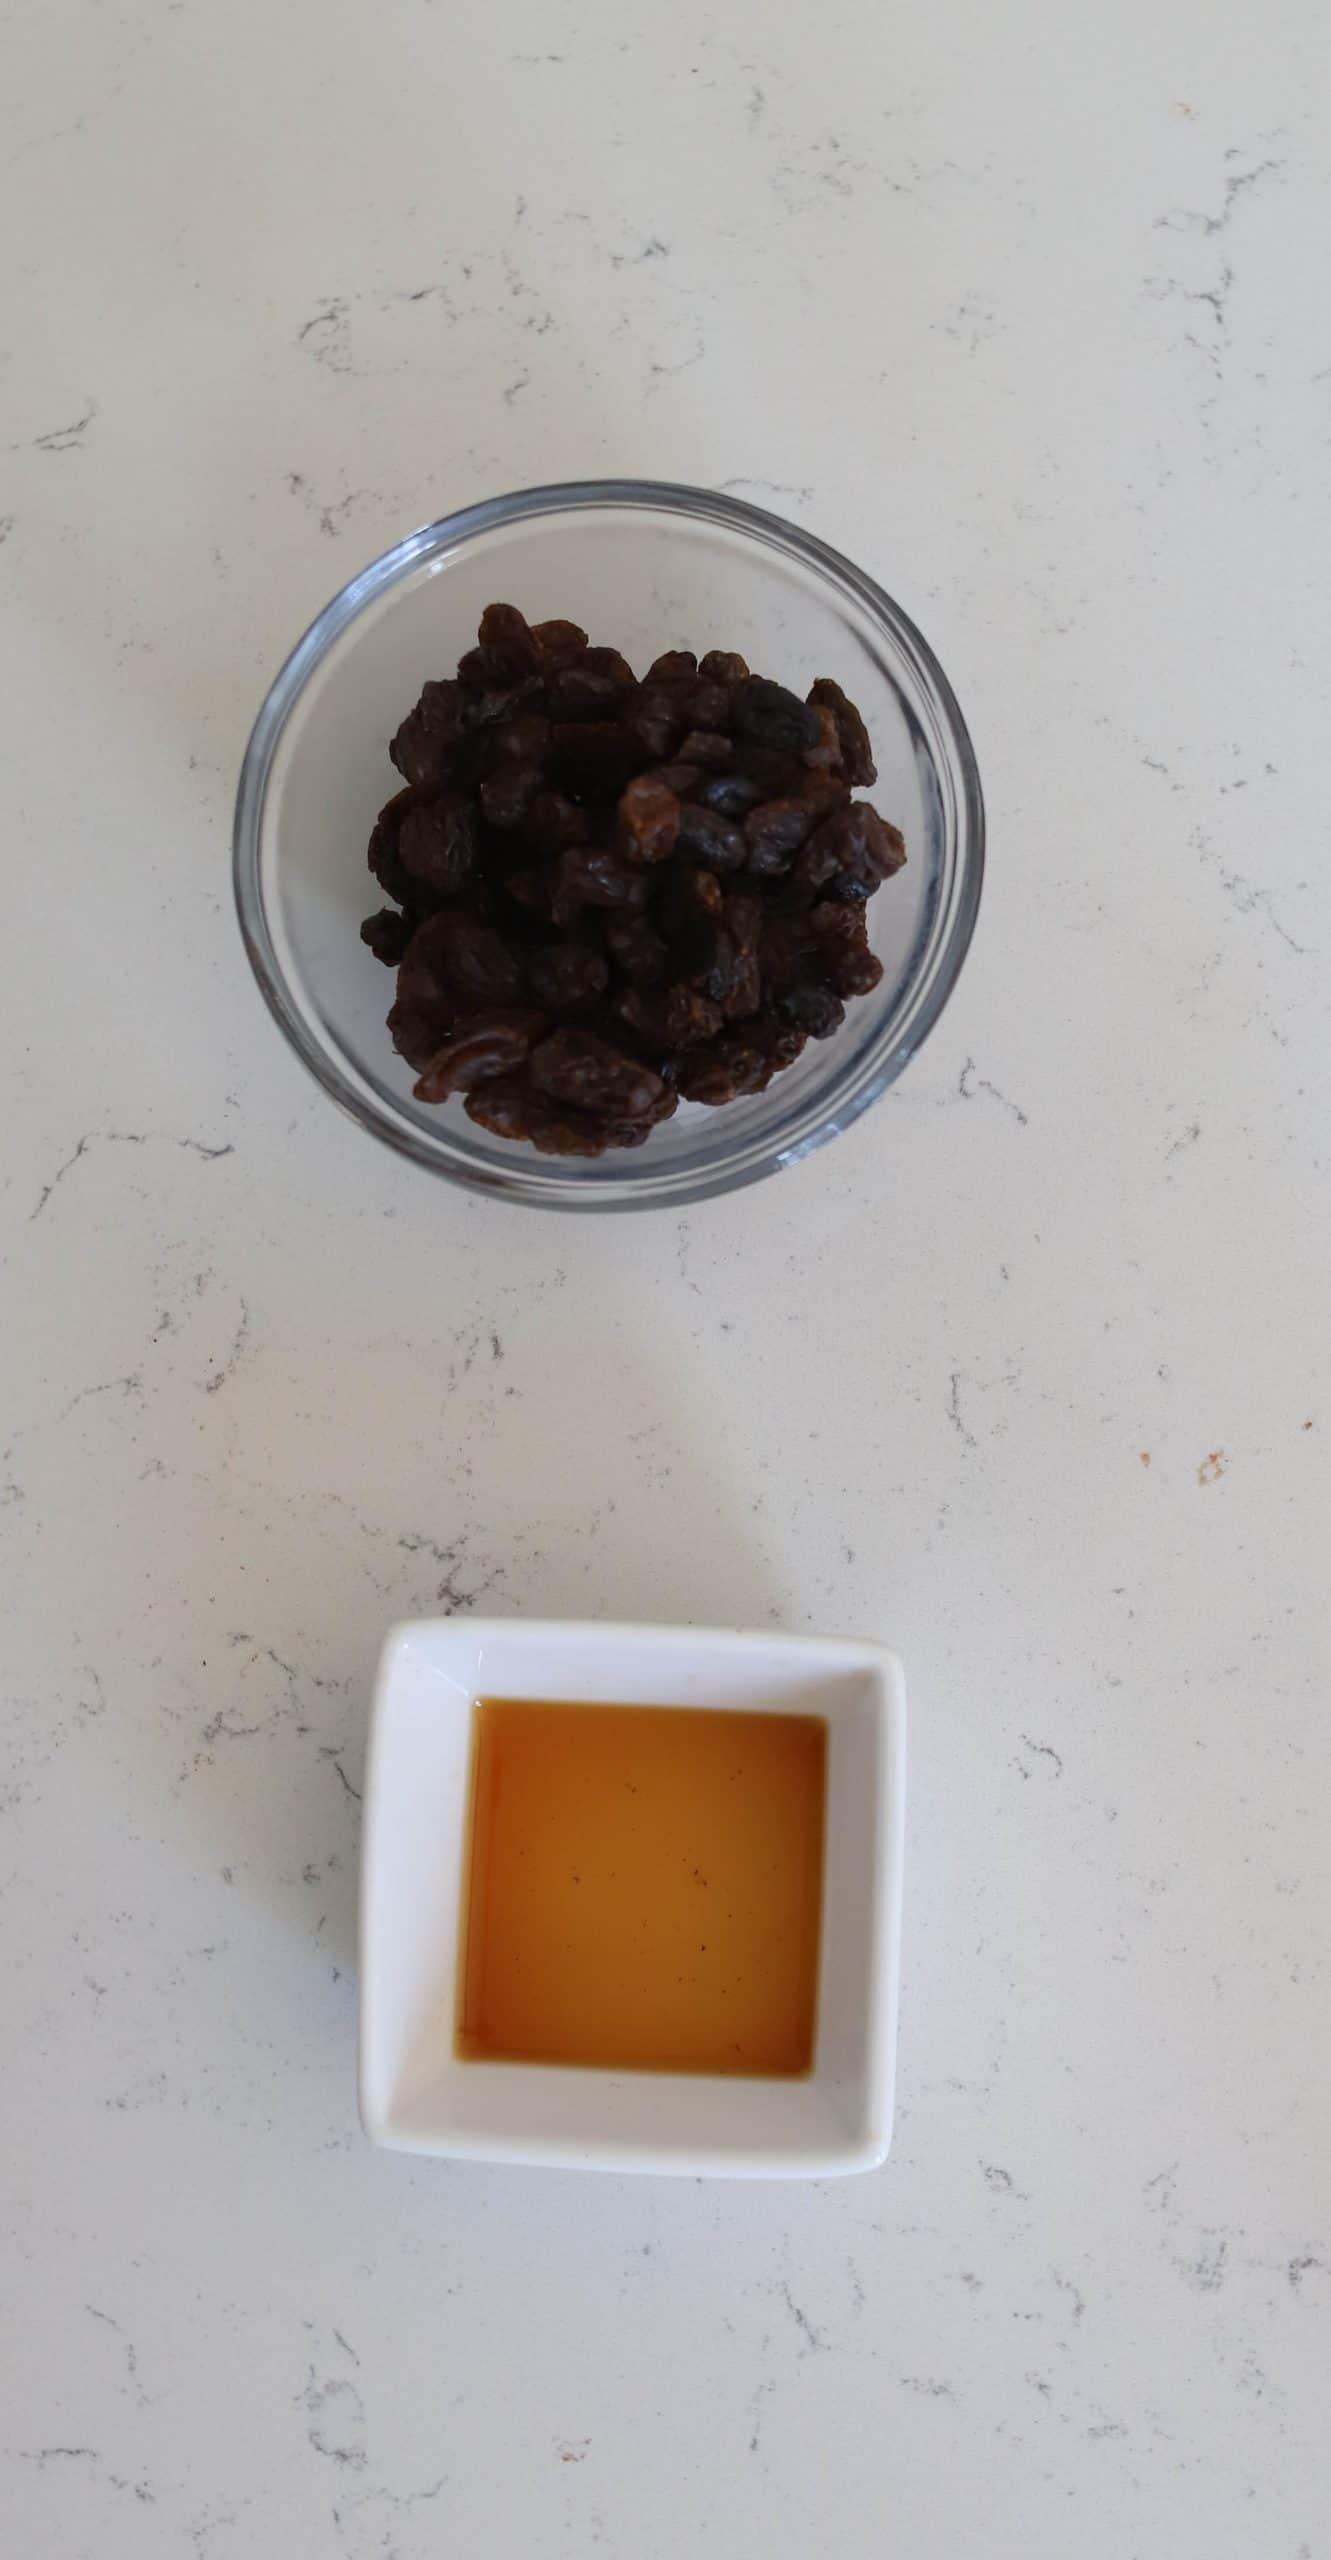 bowl of raisins and a bowl of vanilla extract